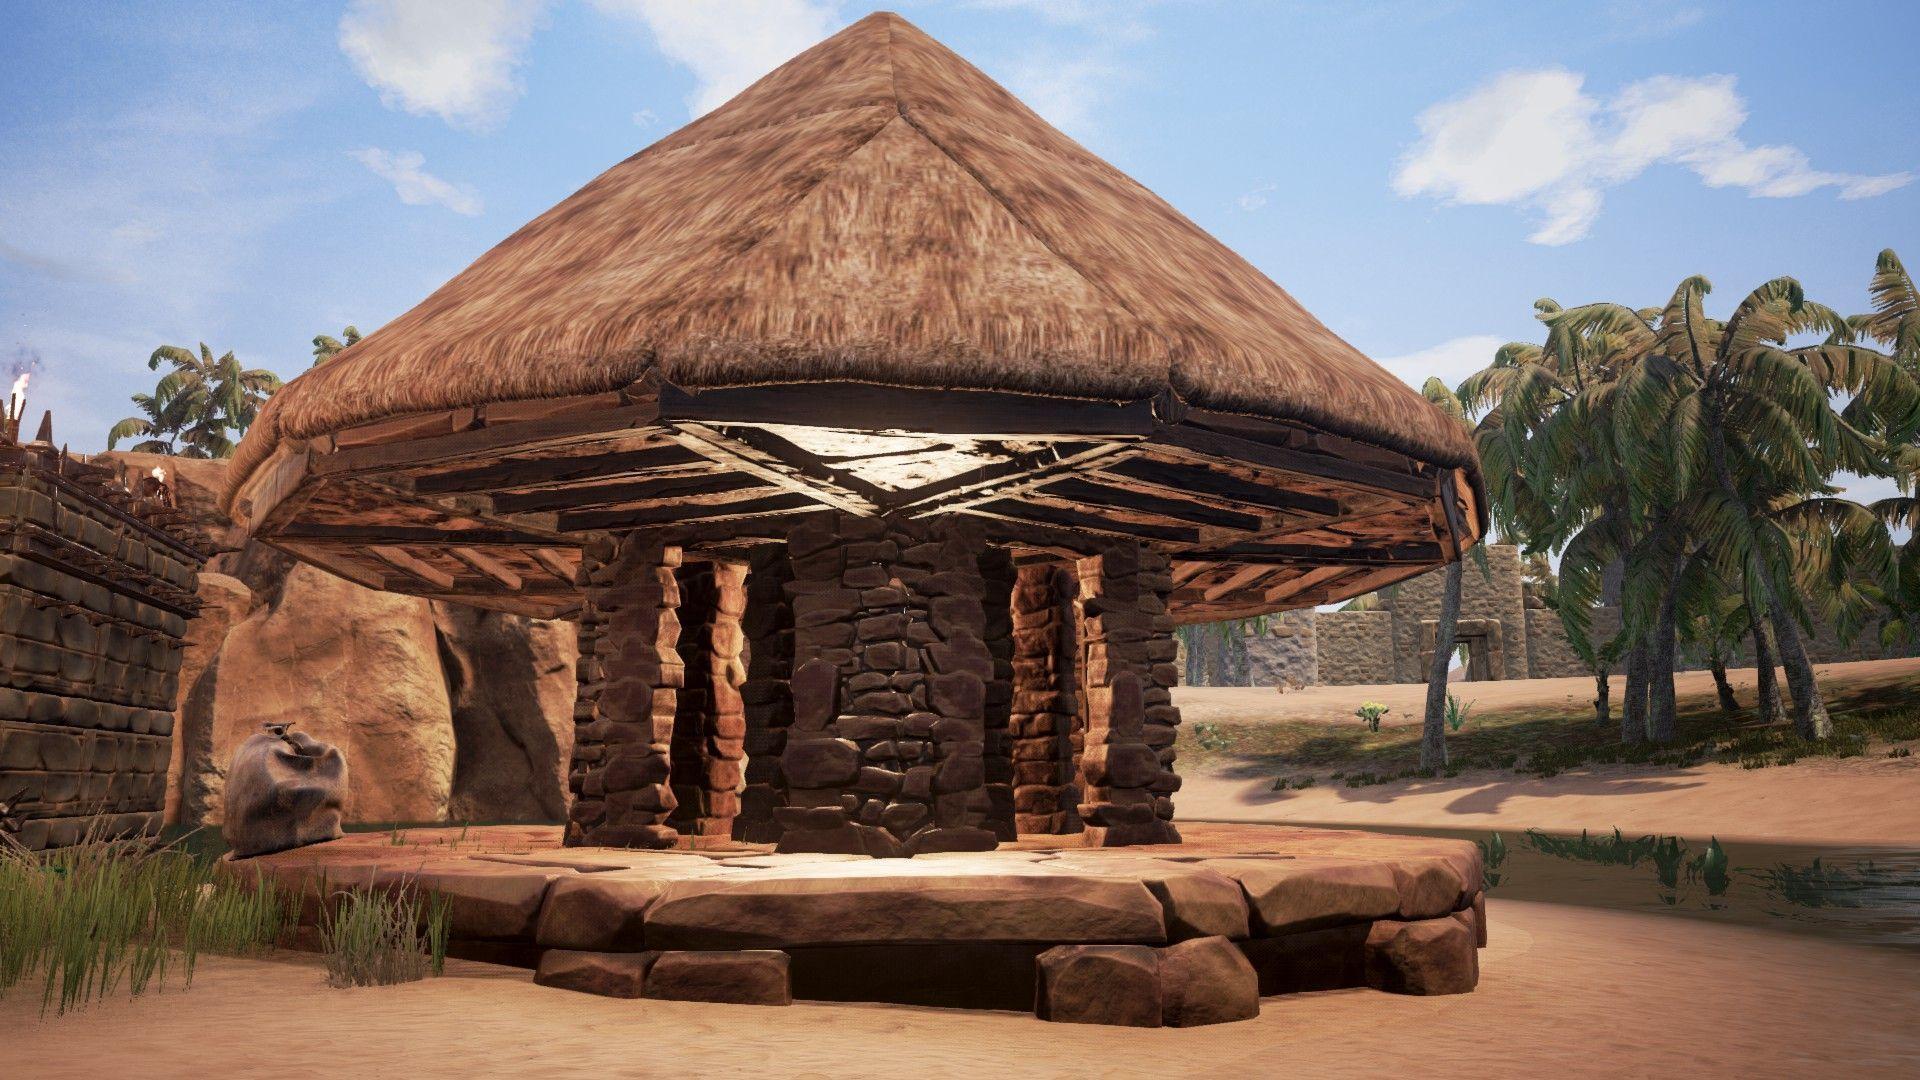 Conan Exiles How To Build The Roofs Conan Exiles Conan Conan The Barbarian